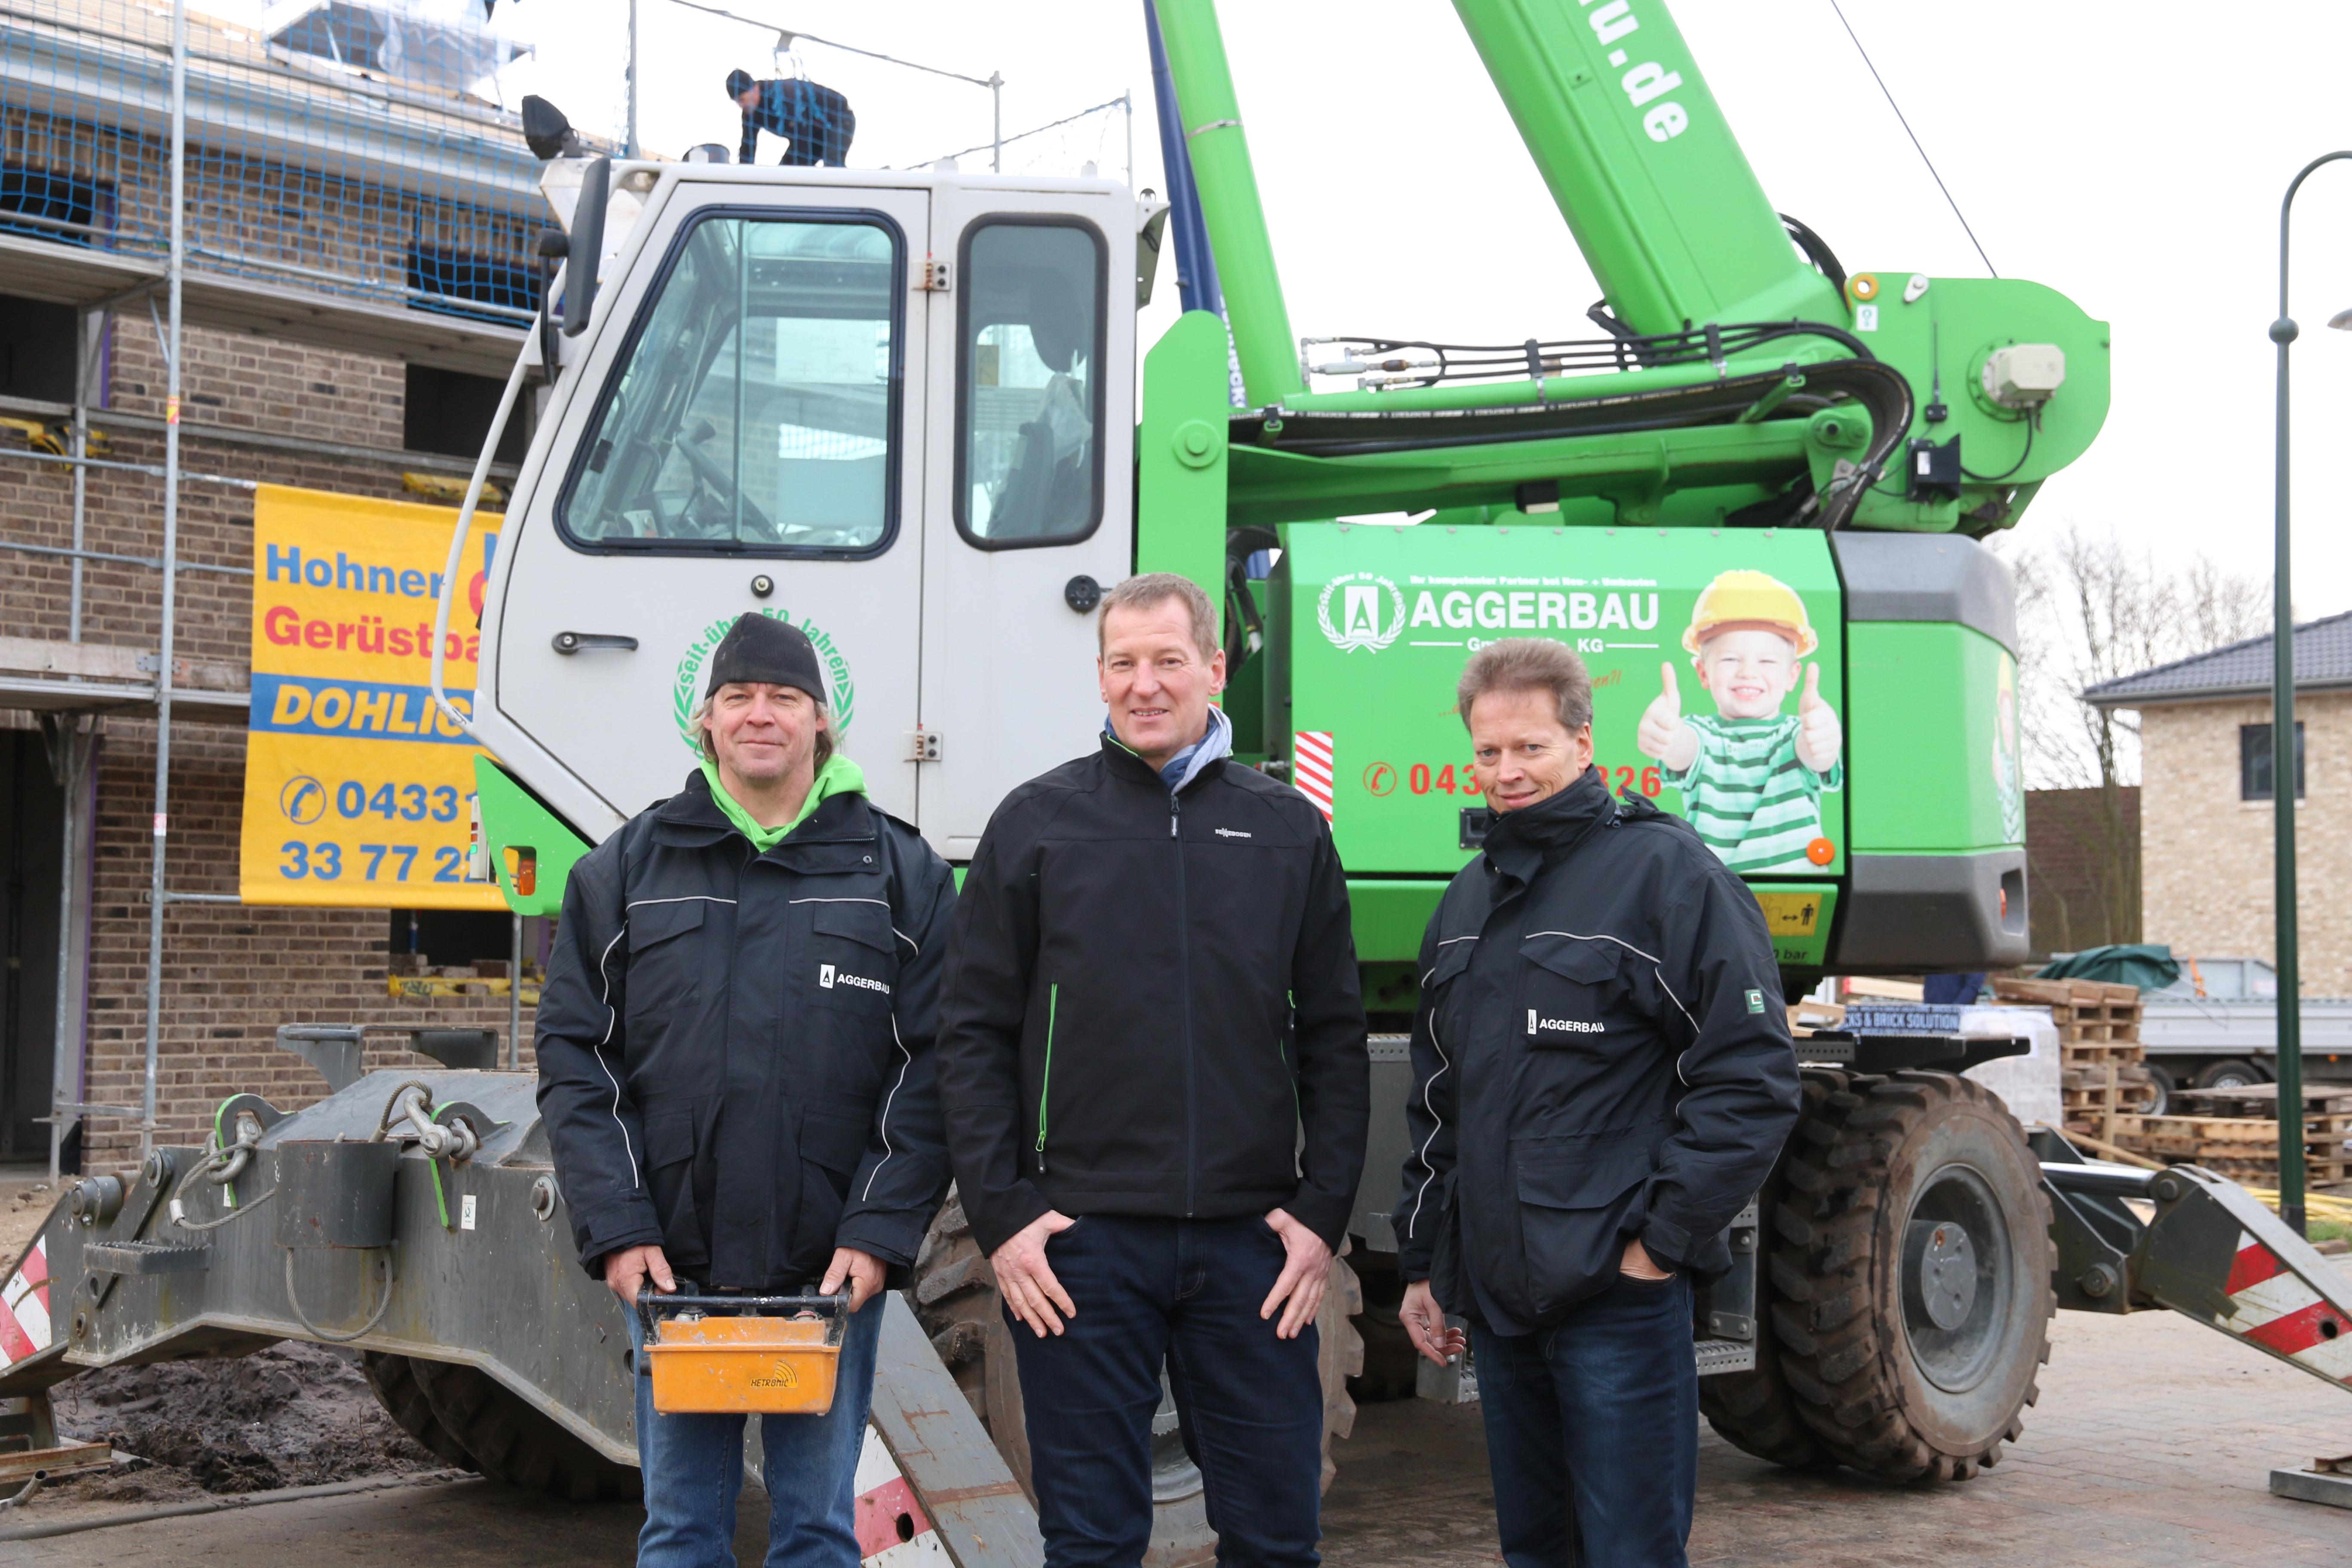 Kranfahrer Peter Koll bedient den 613 stets mit Funkfernsteuerung (links), in der Bildmitte Sven Wegerich vom Vertriebspartner Friedrich Niemann, rechts Jens Agger, Geschäftsführer von Aggerbau.